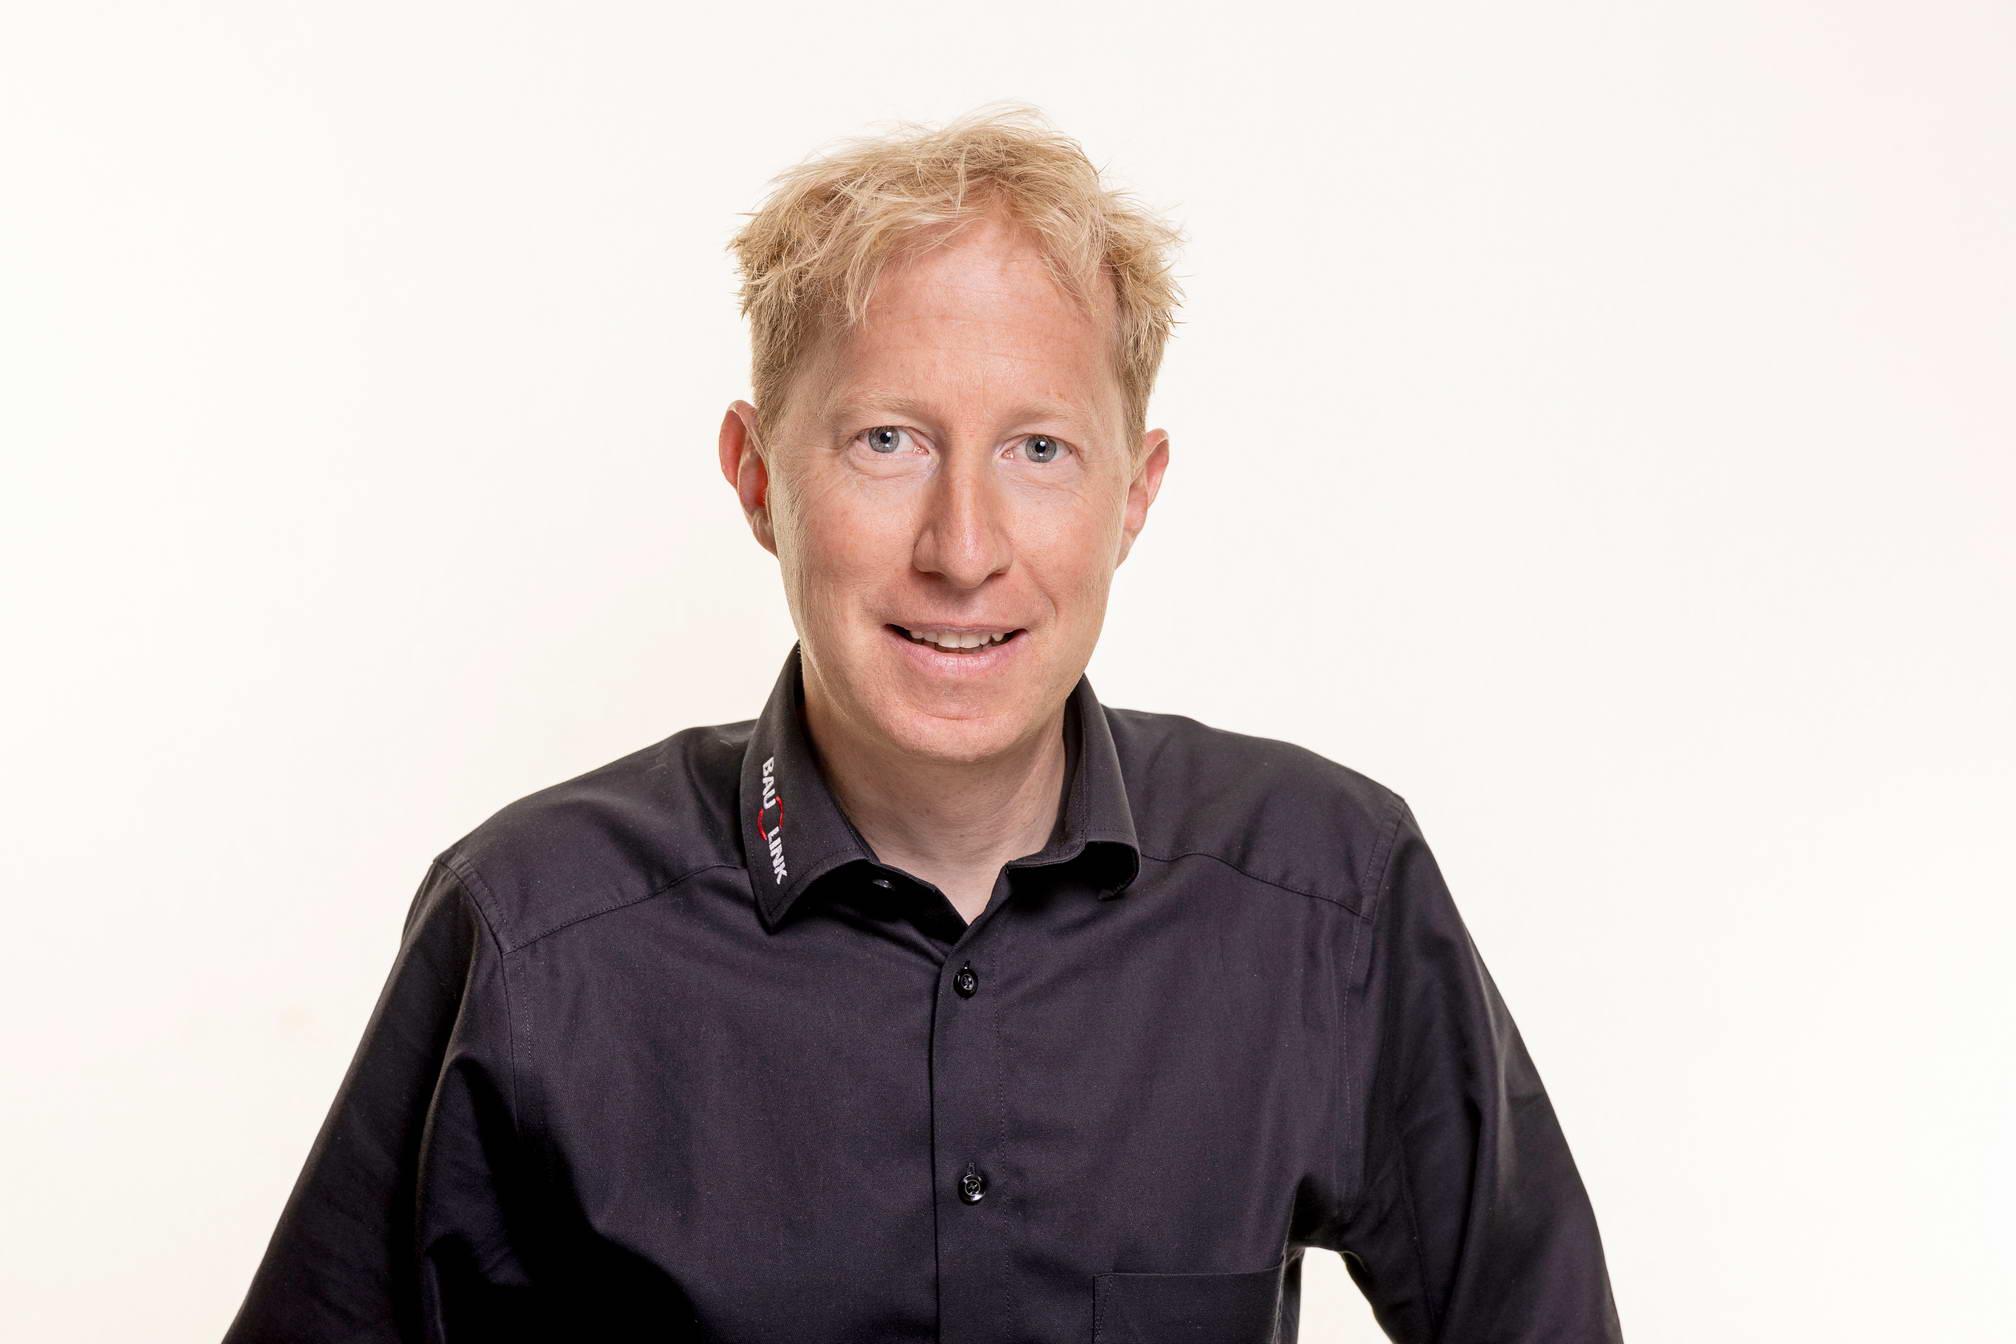 Dennis Stemann